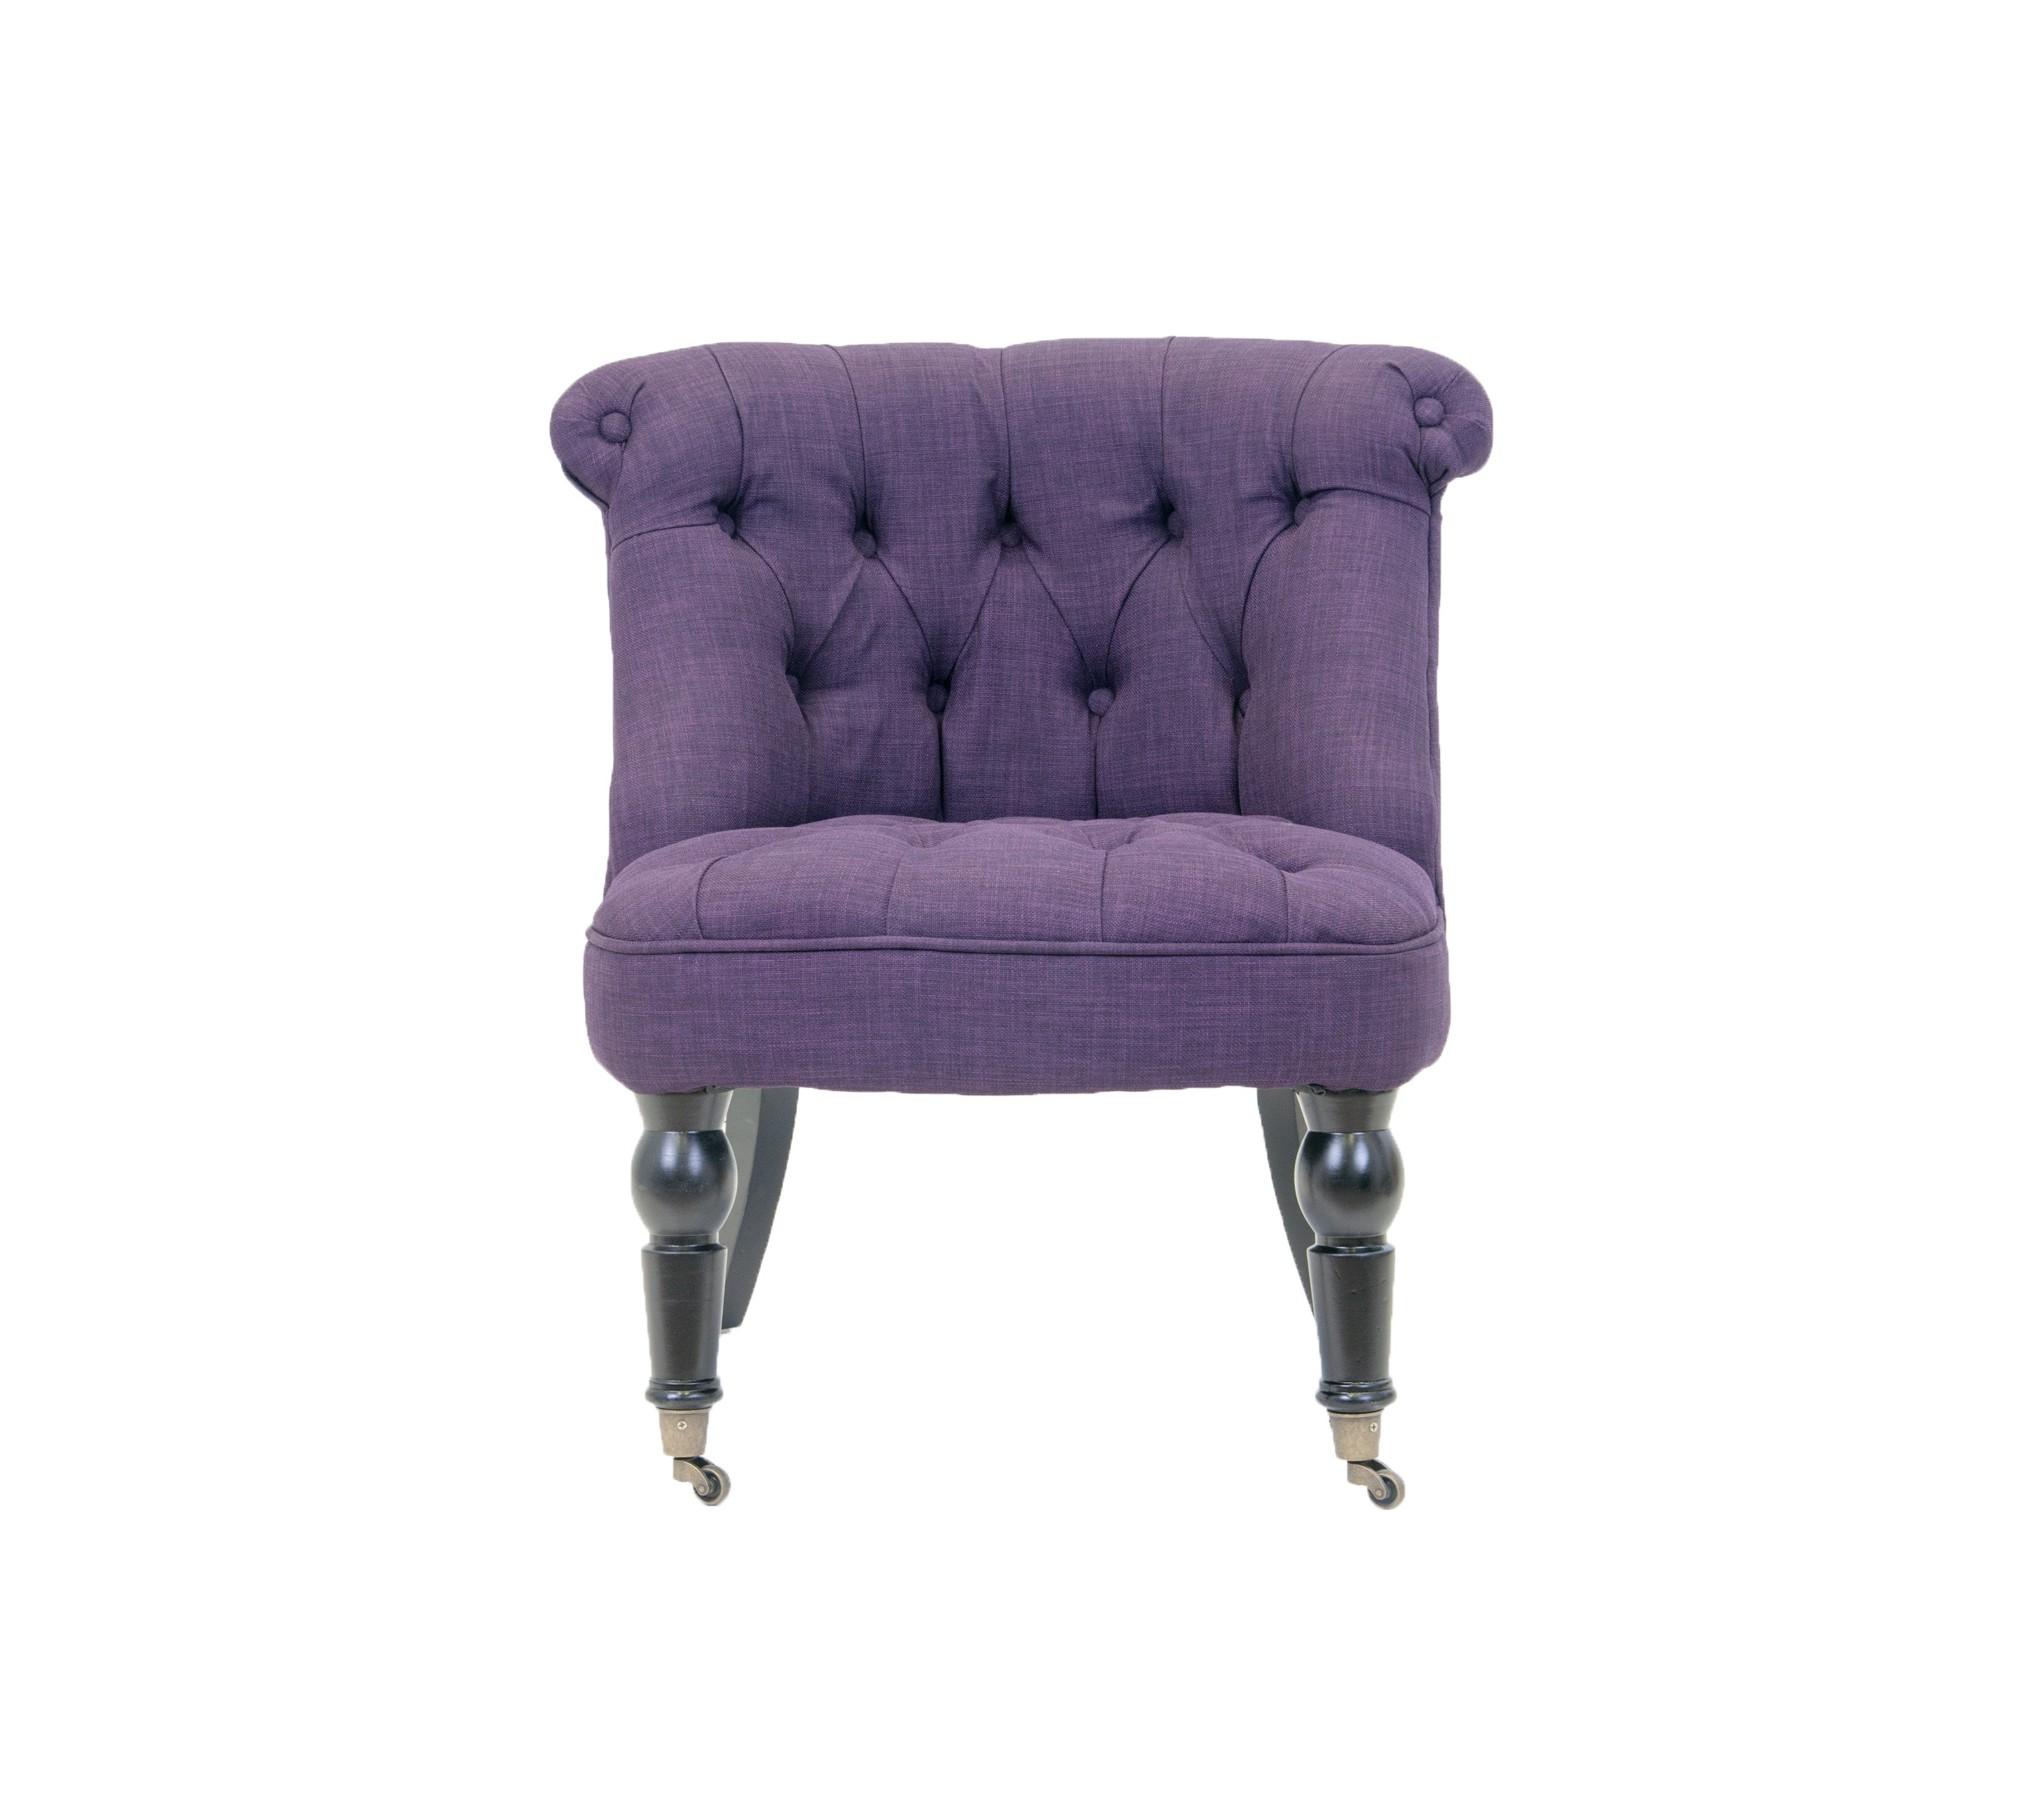 Кресло AvianaПолукресла<br>Аккуратное кресло в классическом стиле покорит любого! Невысокая закругленная спинка эффектно украшенная объемной стежкой и широкое мягкое сидение делают это кресло необычайно комфортным. Изделие сделано из натурального дуба, резные передние ножки оснащены небольшими колесиками для легкости перемещения. Такое милое кресло просто создано для того, чтобы дарить Вам тепло и уют.<br><br>Material: Лен<br>Width см: 70<br>Depth см: 70<br>Height см: 72